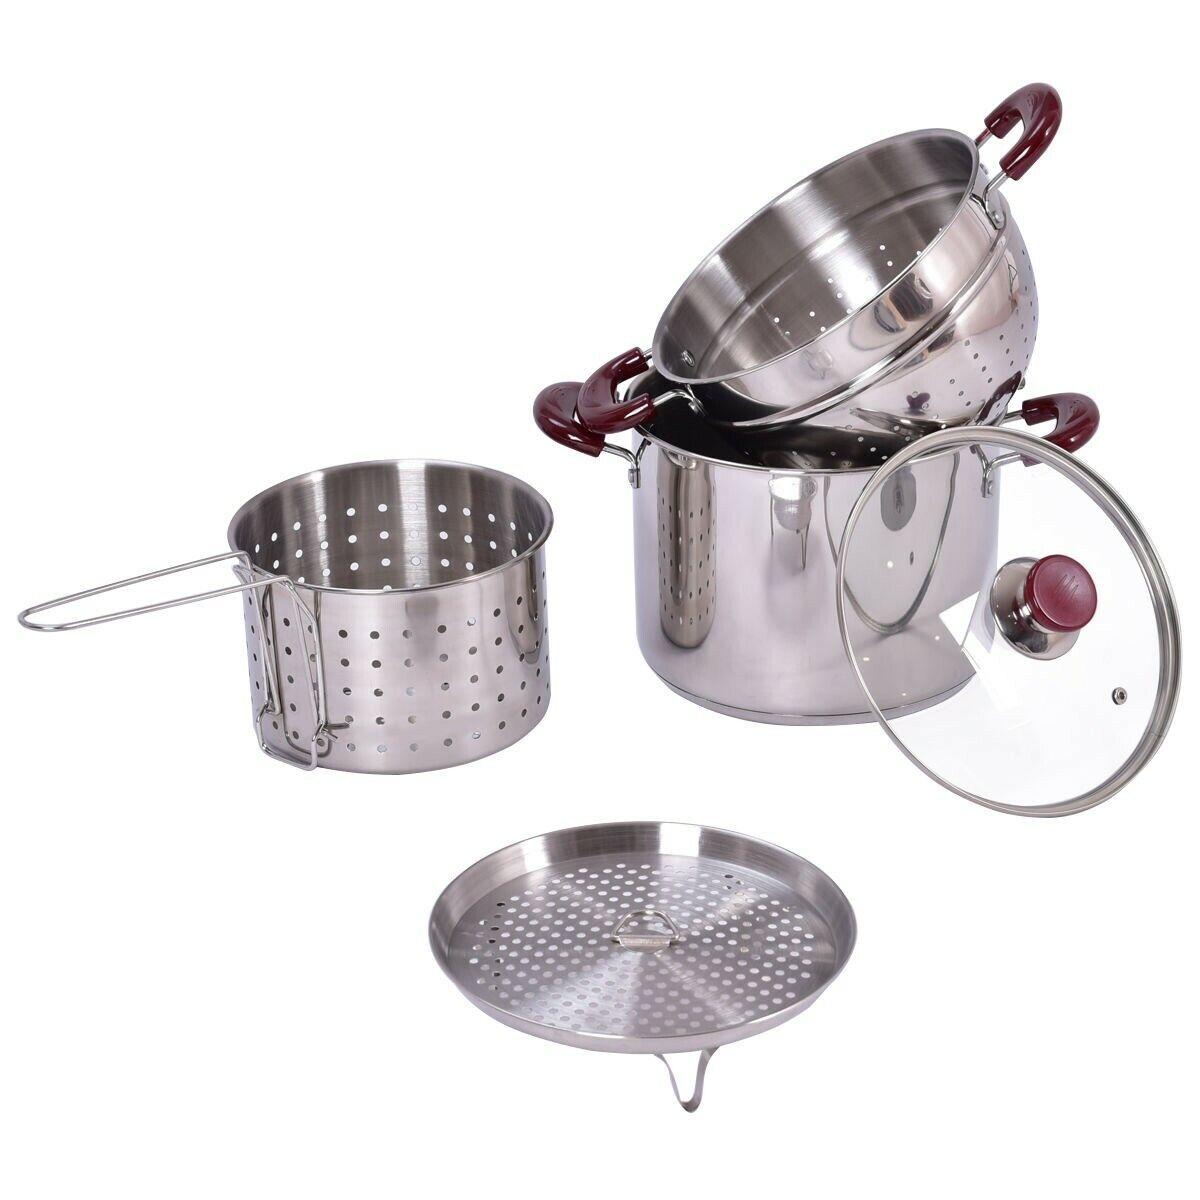 Stainless Steel Pasta Cooker Set Stock Strainer Pot 7 Quart